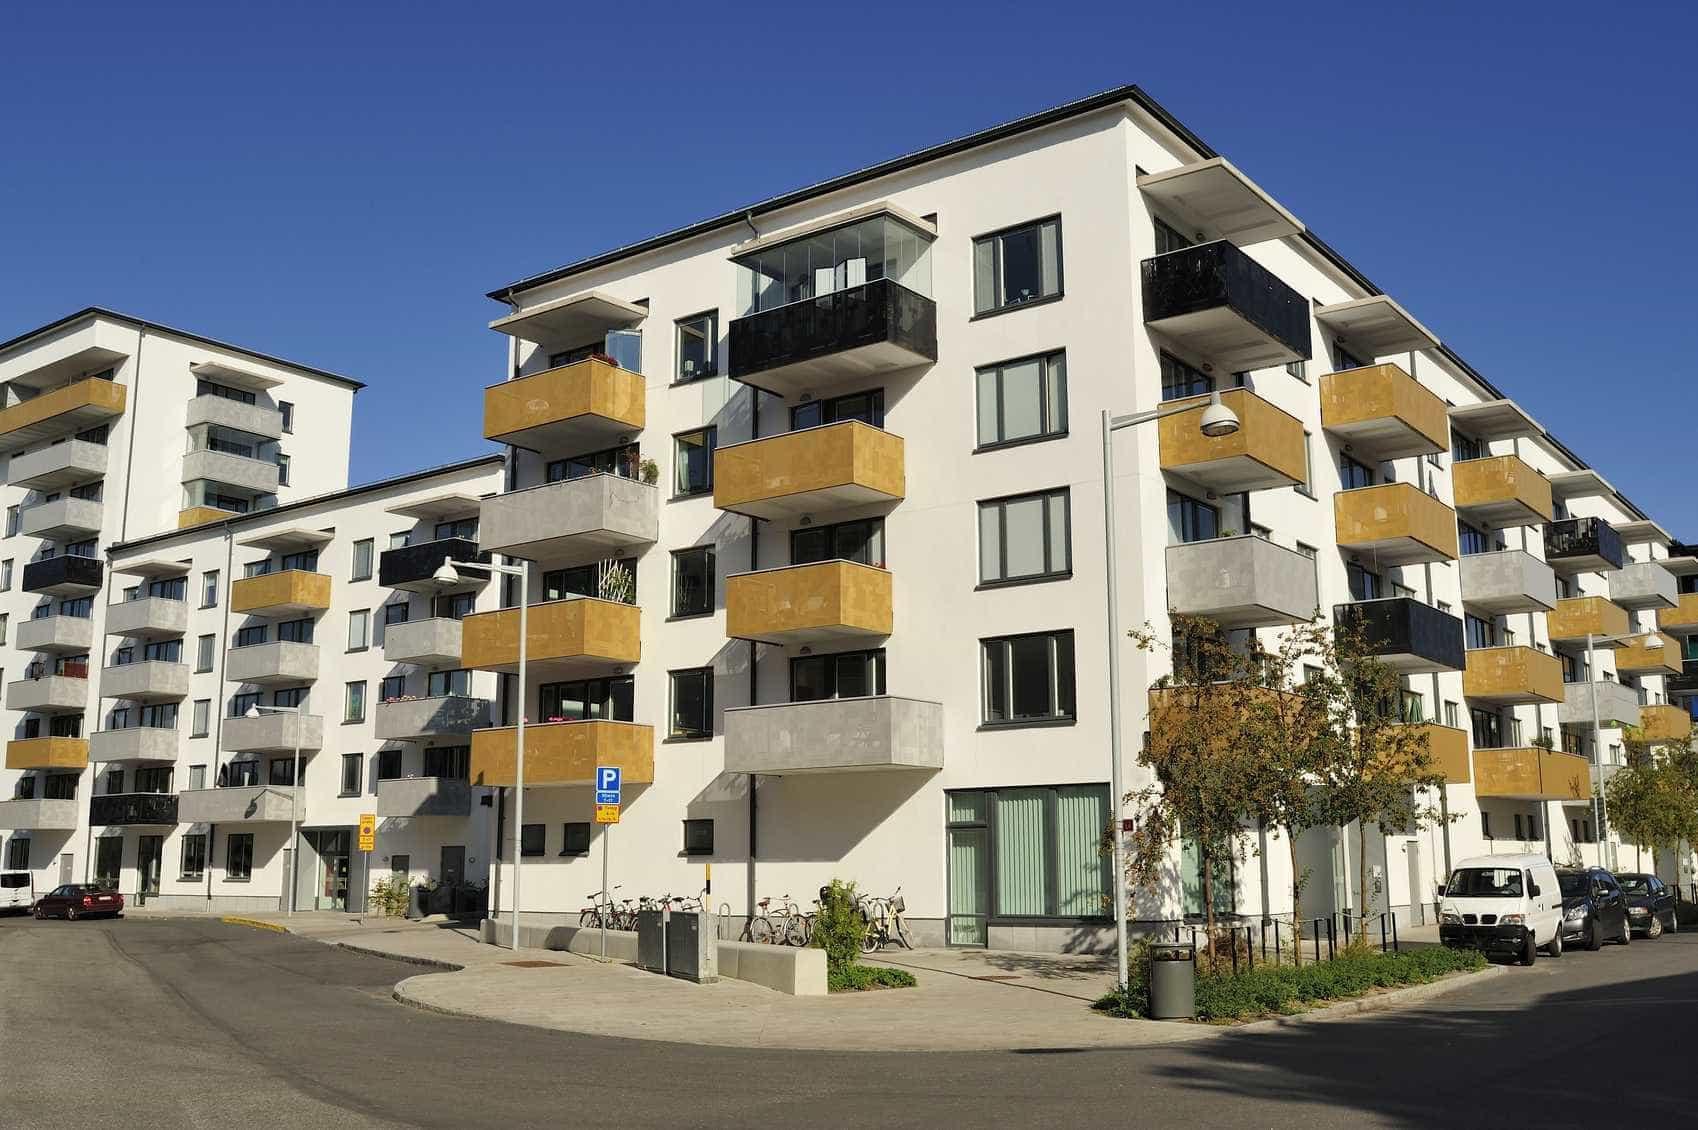 Poder para comprar casa em Portugal deve piorar nos próximos dois anos